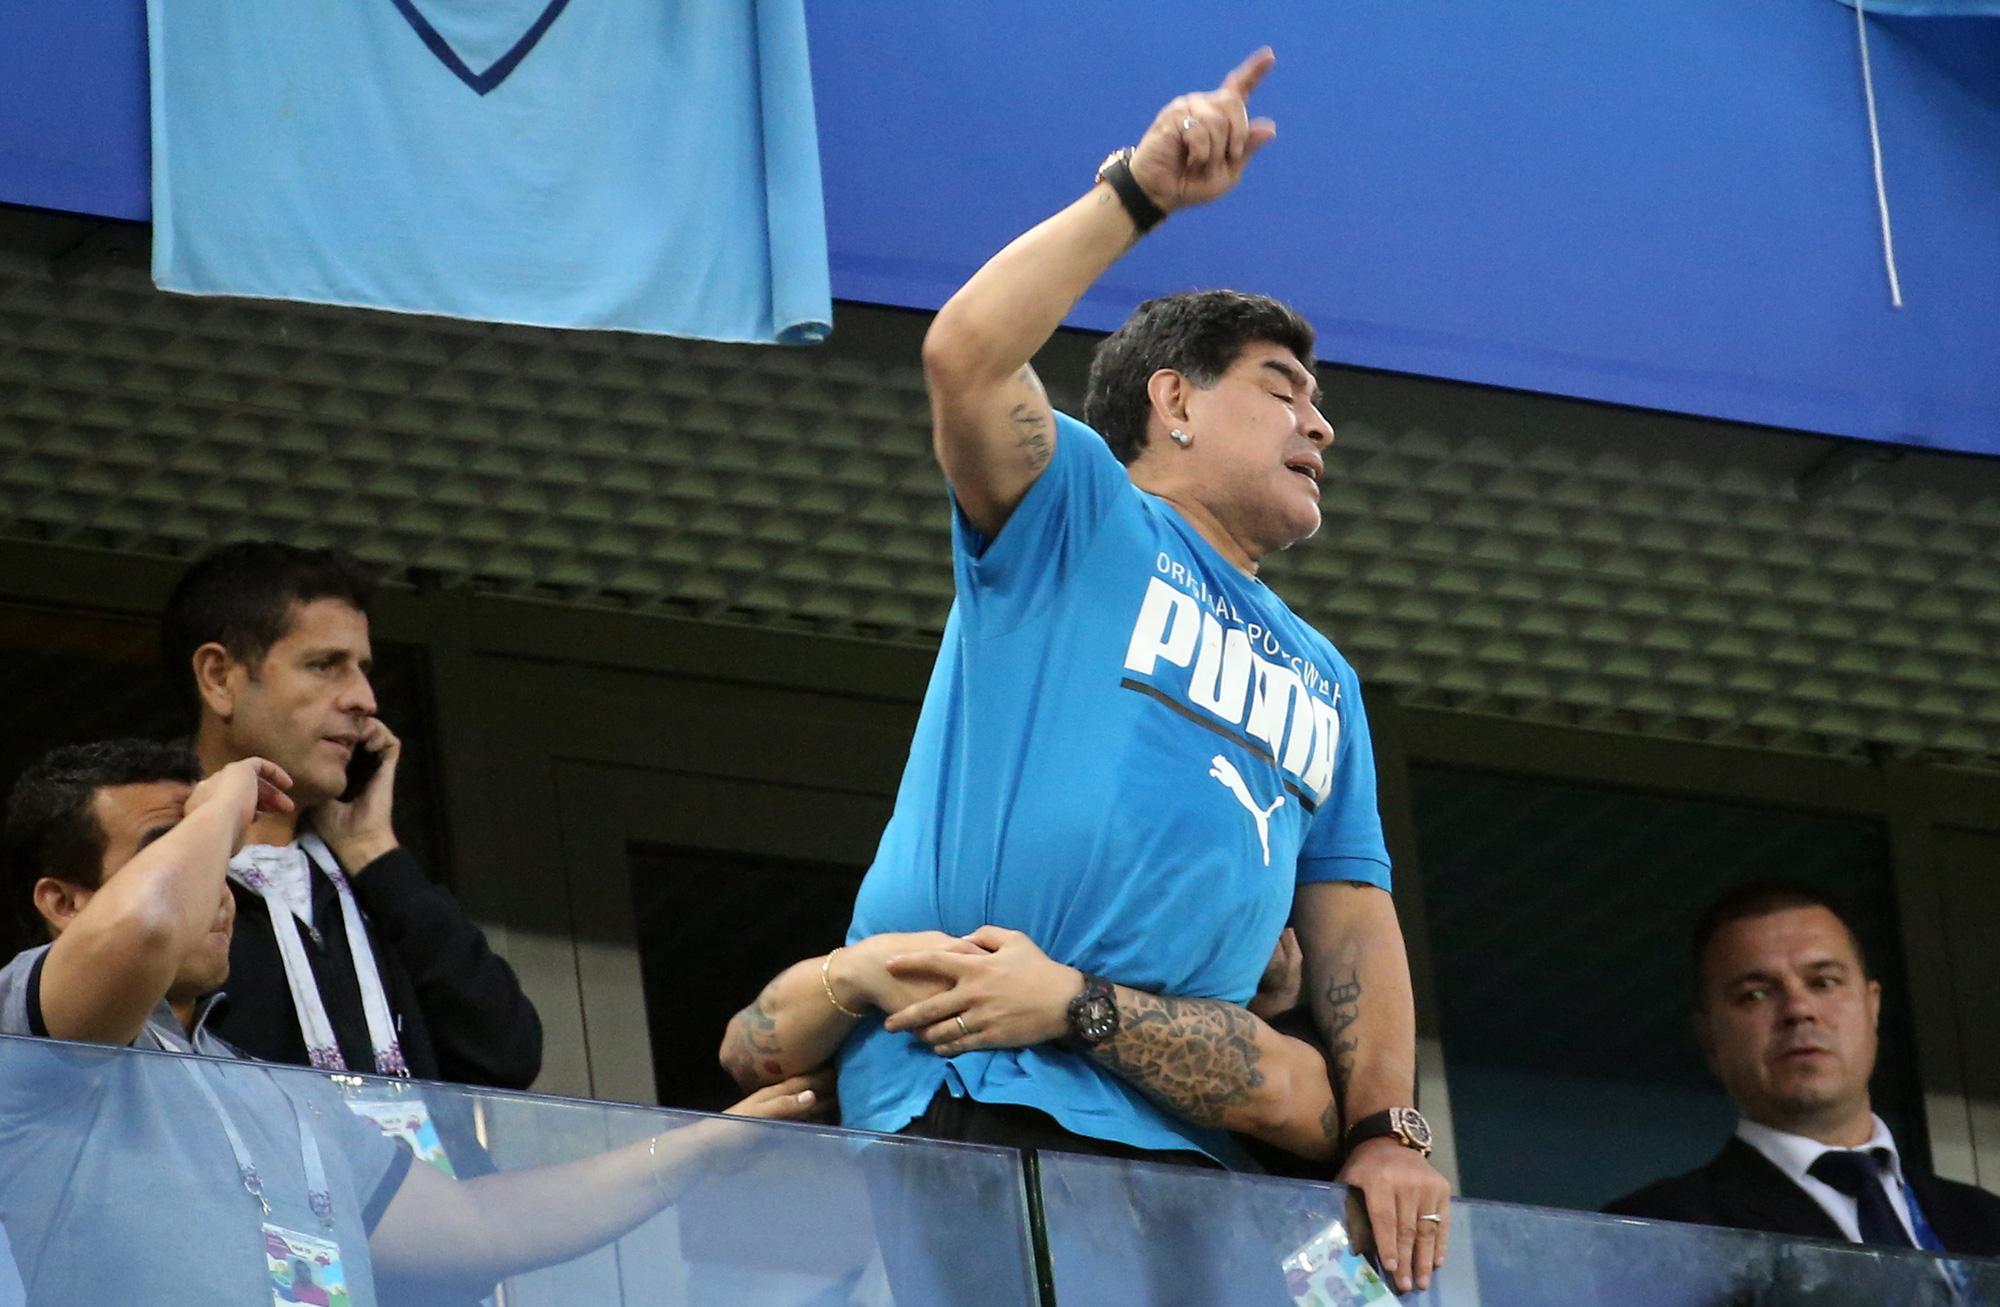 Cuộc đời Maradona qua ảnh: Đầy vinh quang nhưng cũng lắm tranh cãi - Ảnh 21.